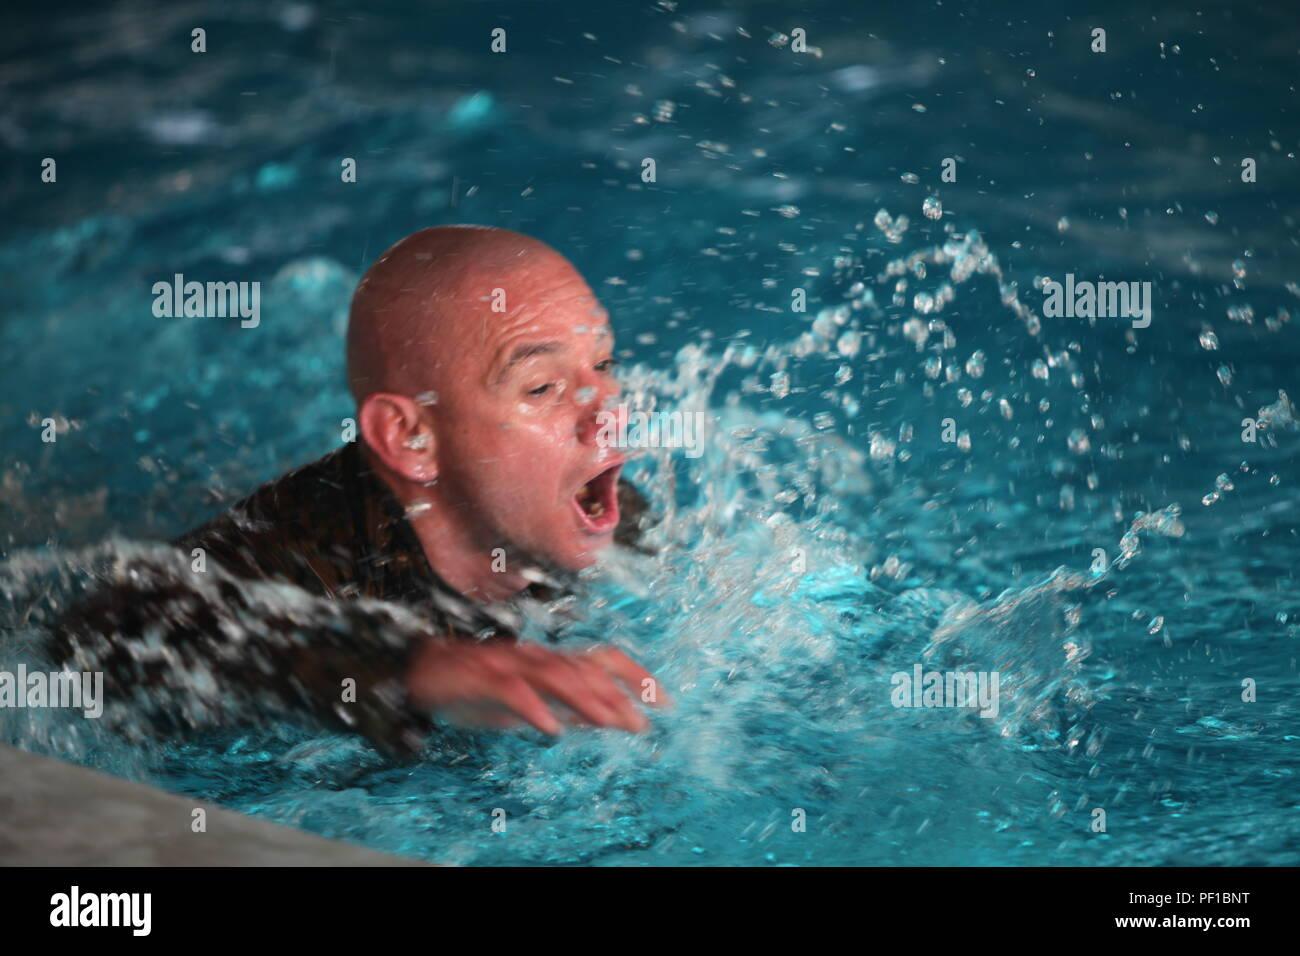 Rogelio De Stock Photos & Rogelio De Stock Images - Alamy